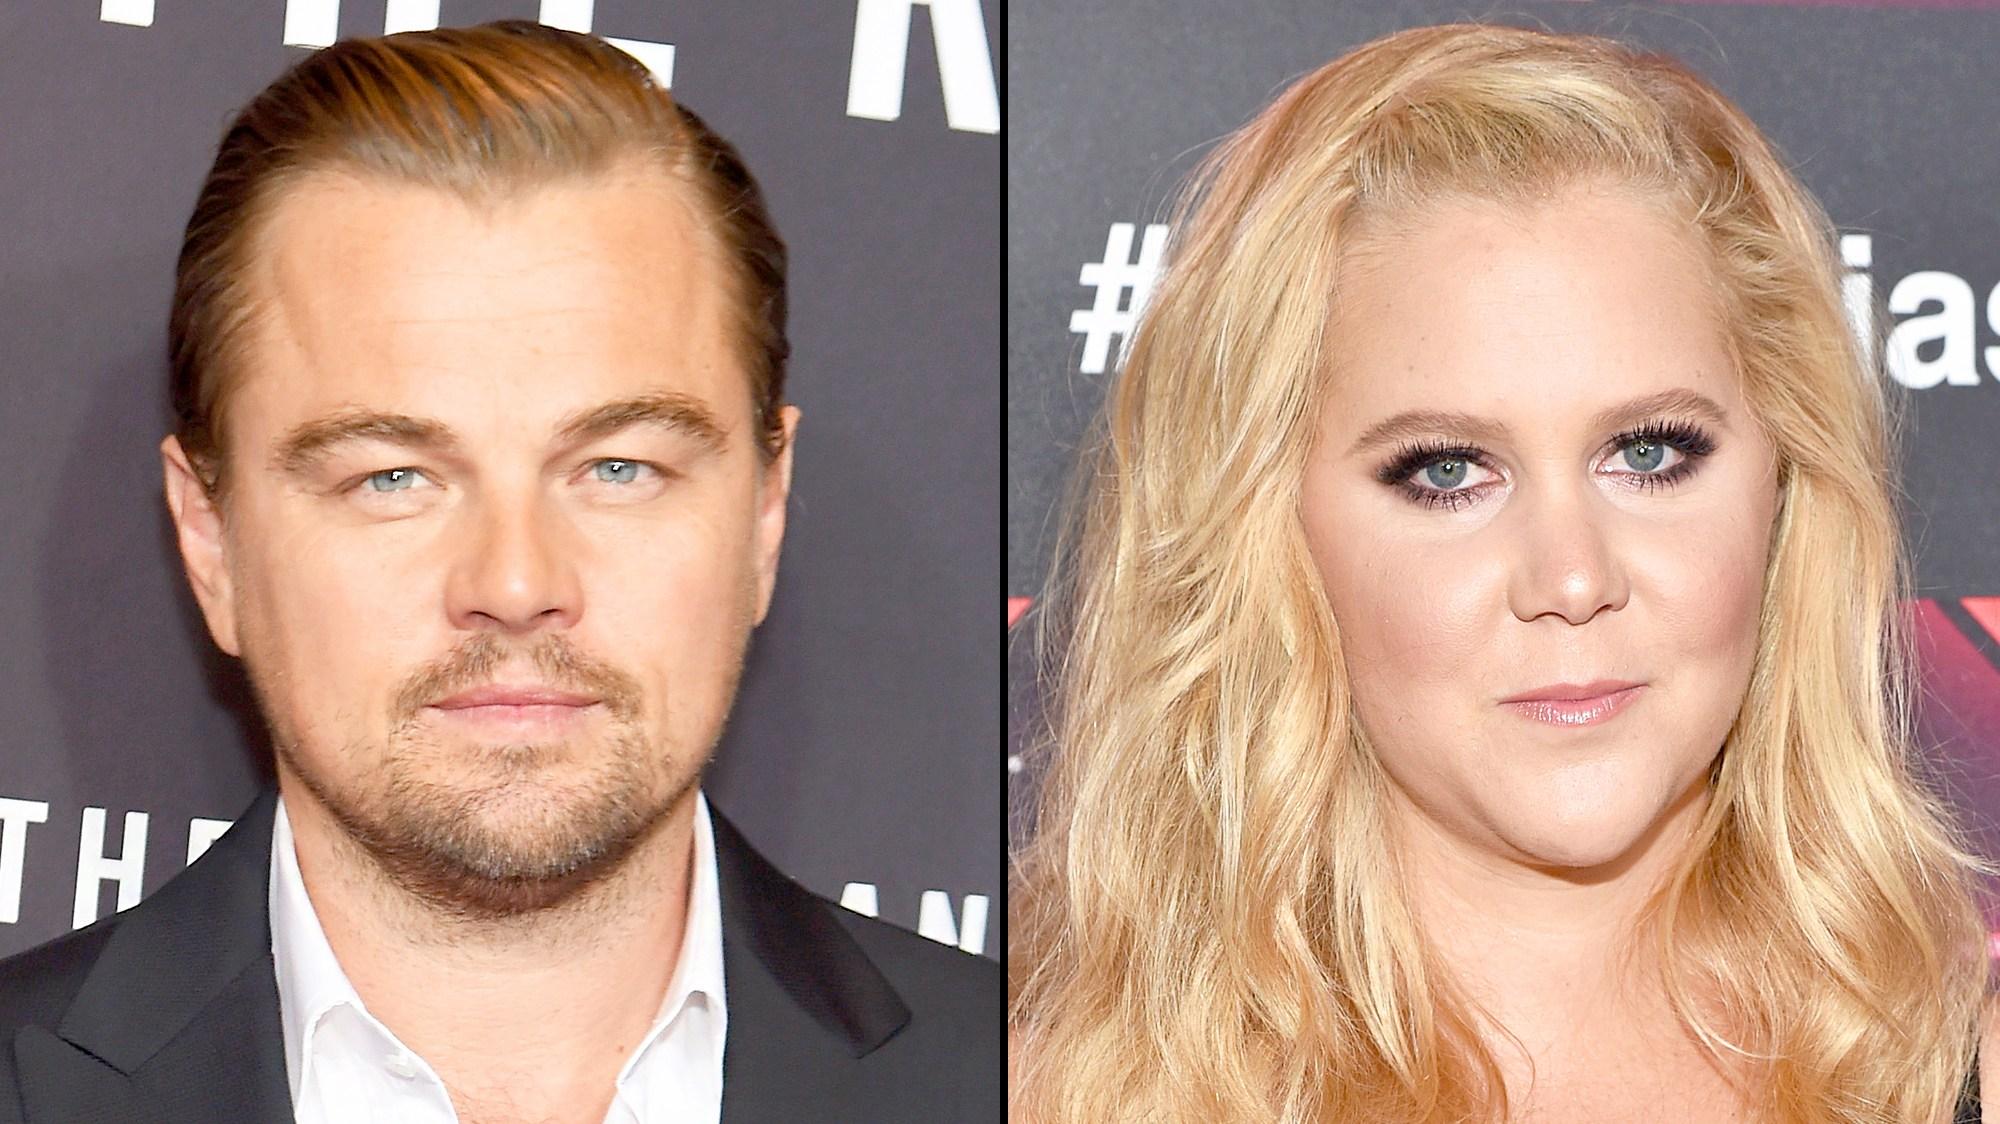 Leonardo DiCaprio and Amy Schumer